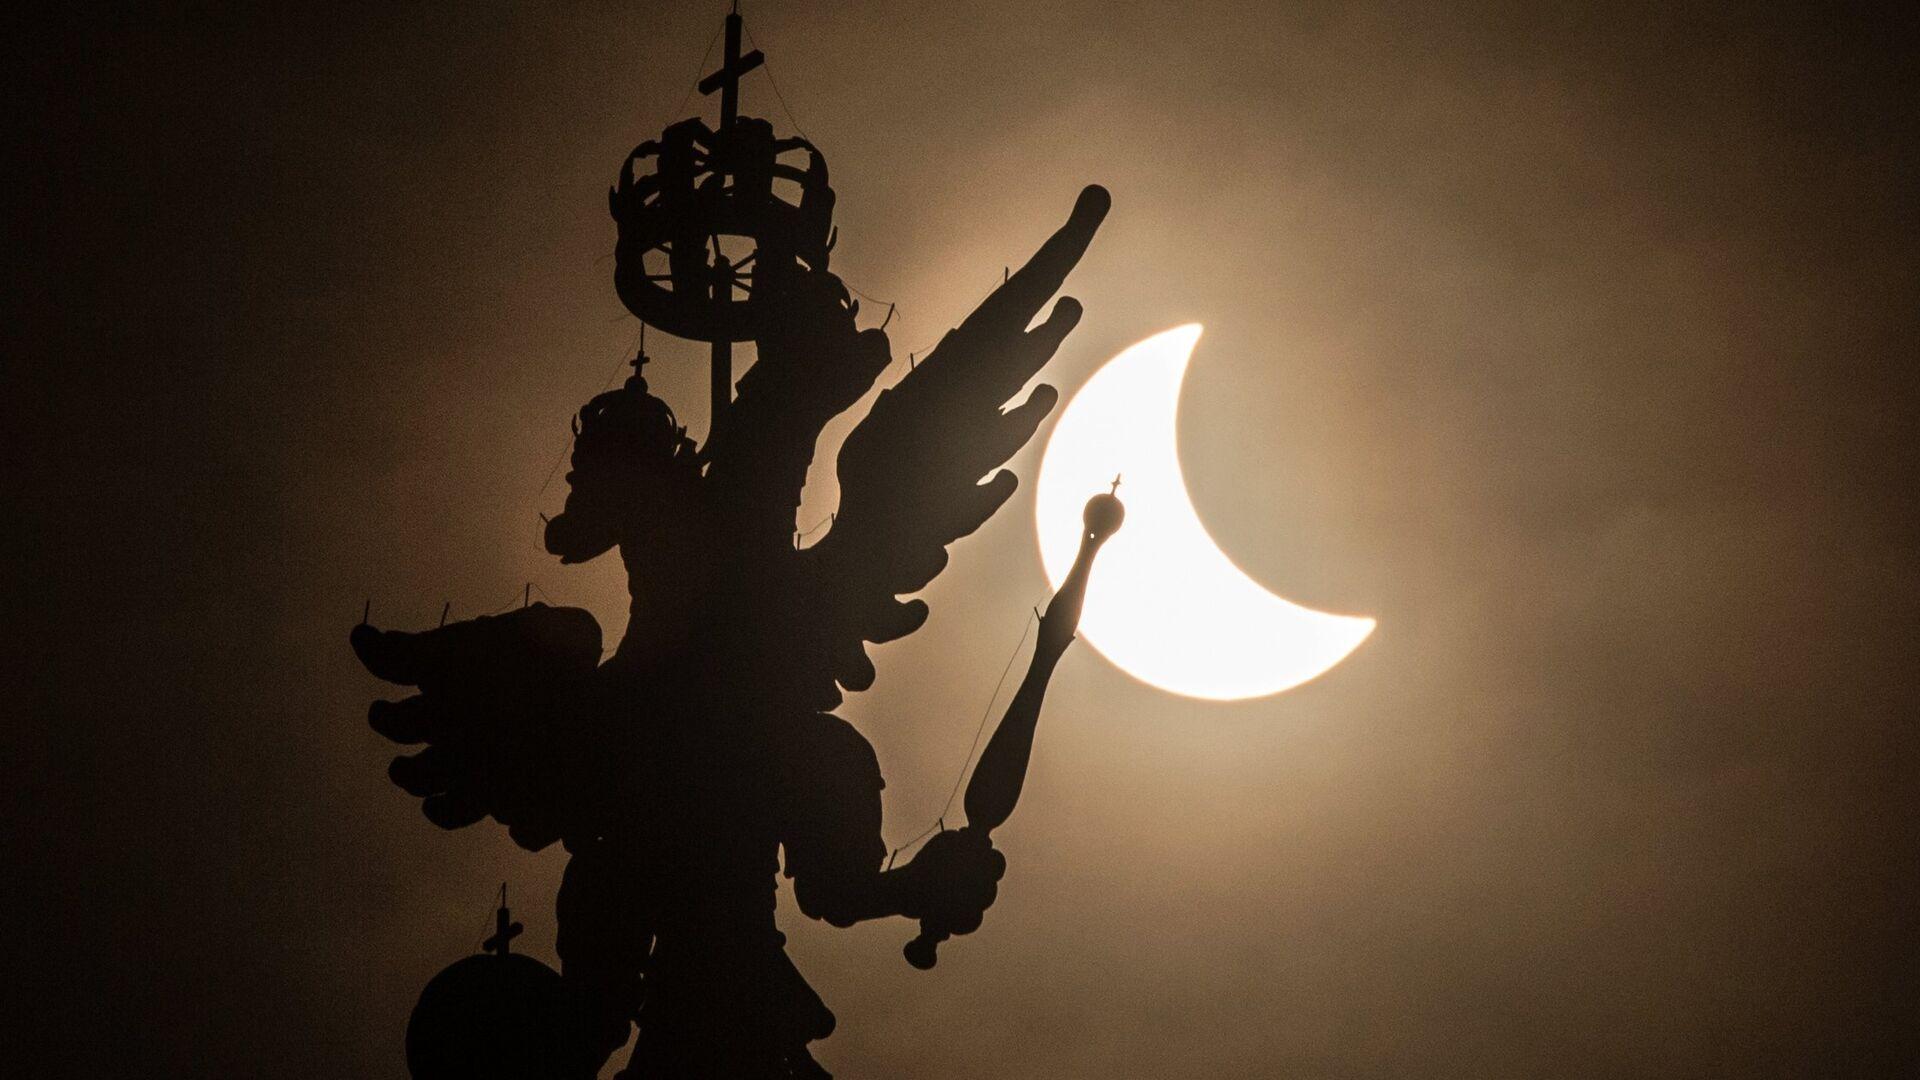 Фаза солнечного затмения, наблюдаемая в Москве у здания Государственного исторического музея - РИА Новости, 1920, 13.06.2021